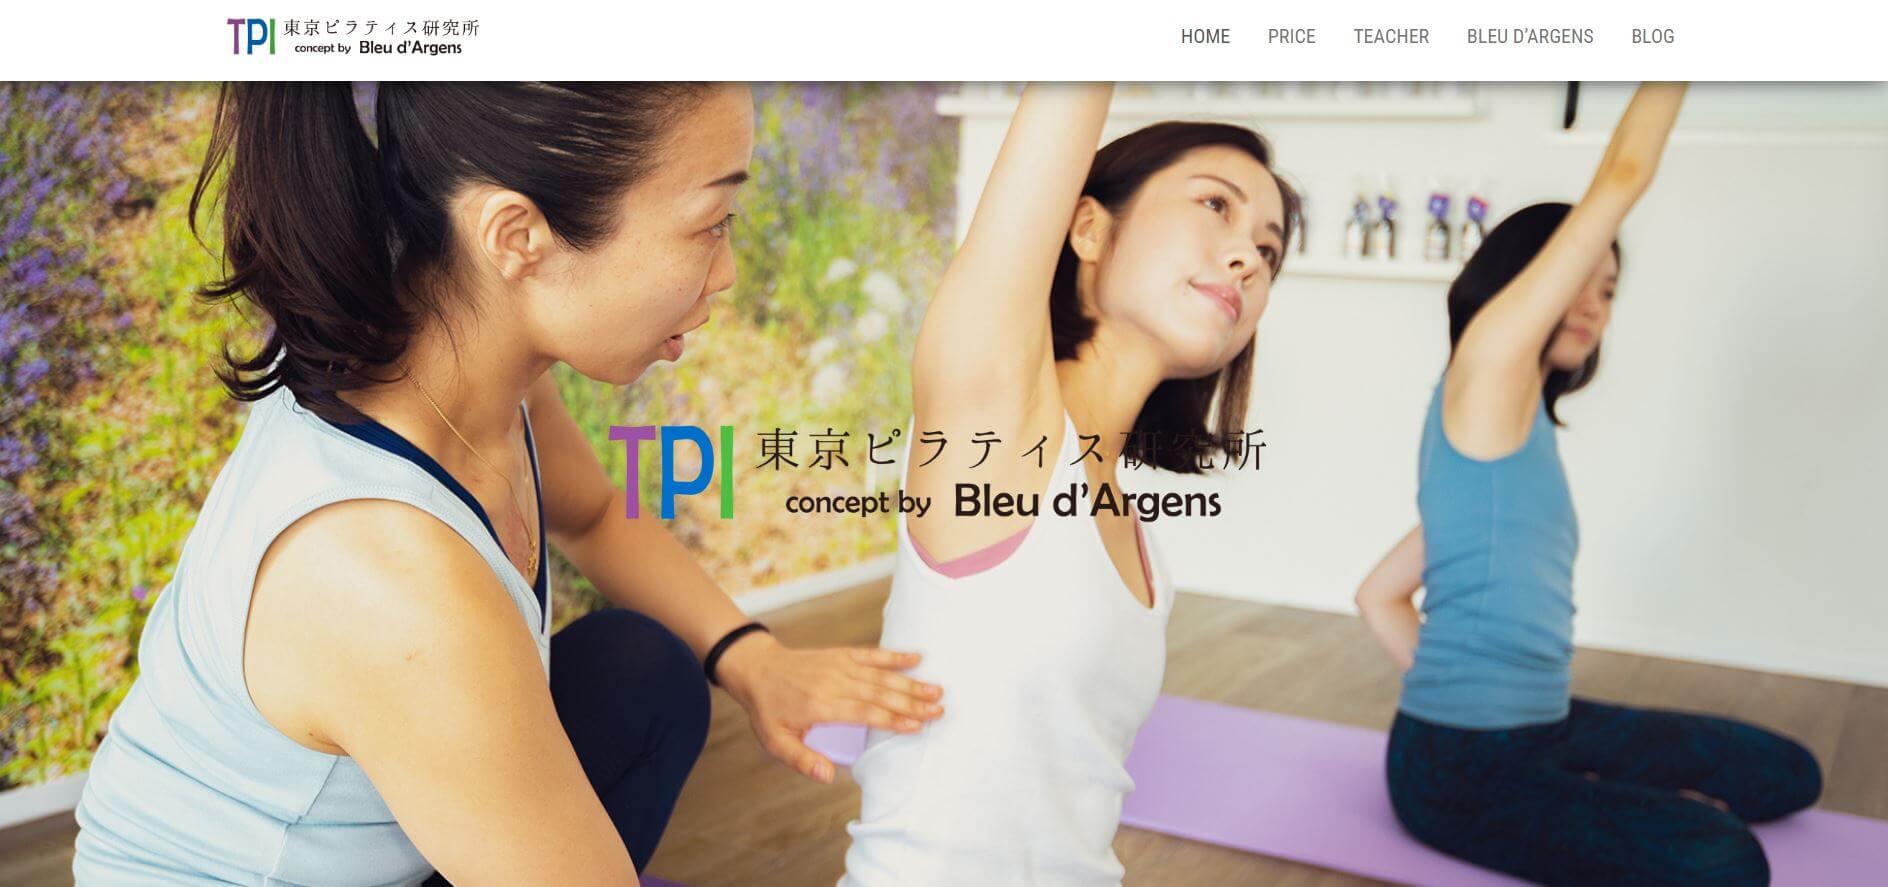 東京ピラティス研究所